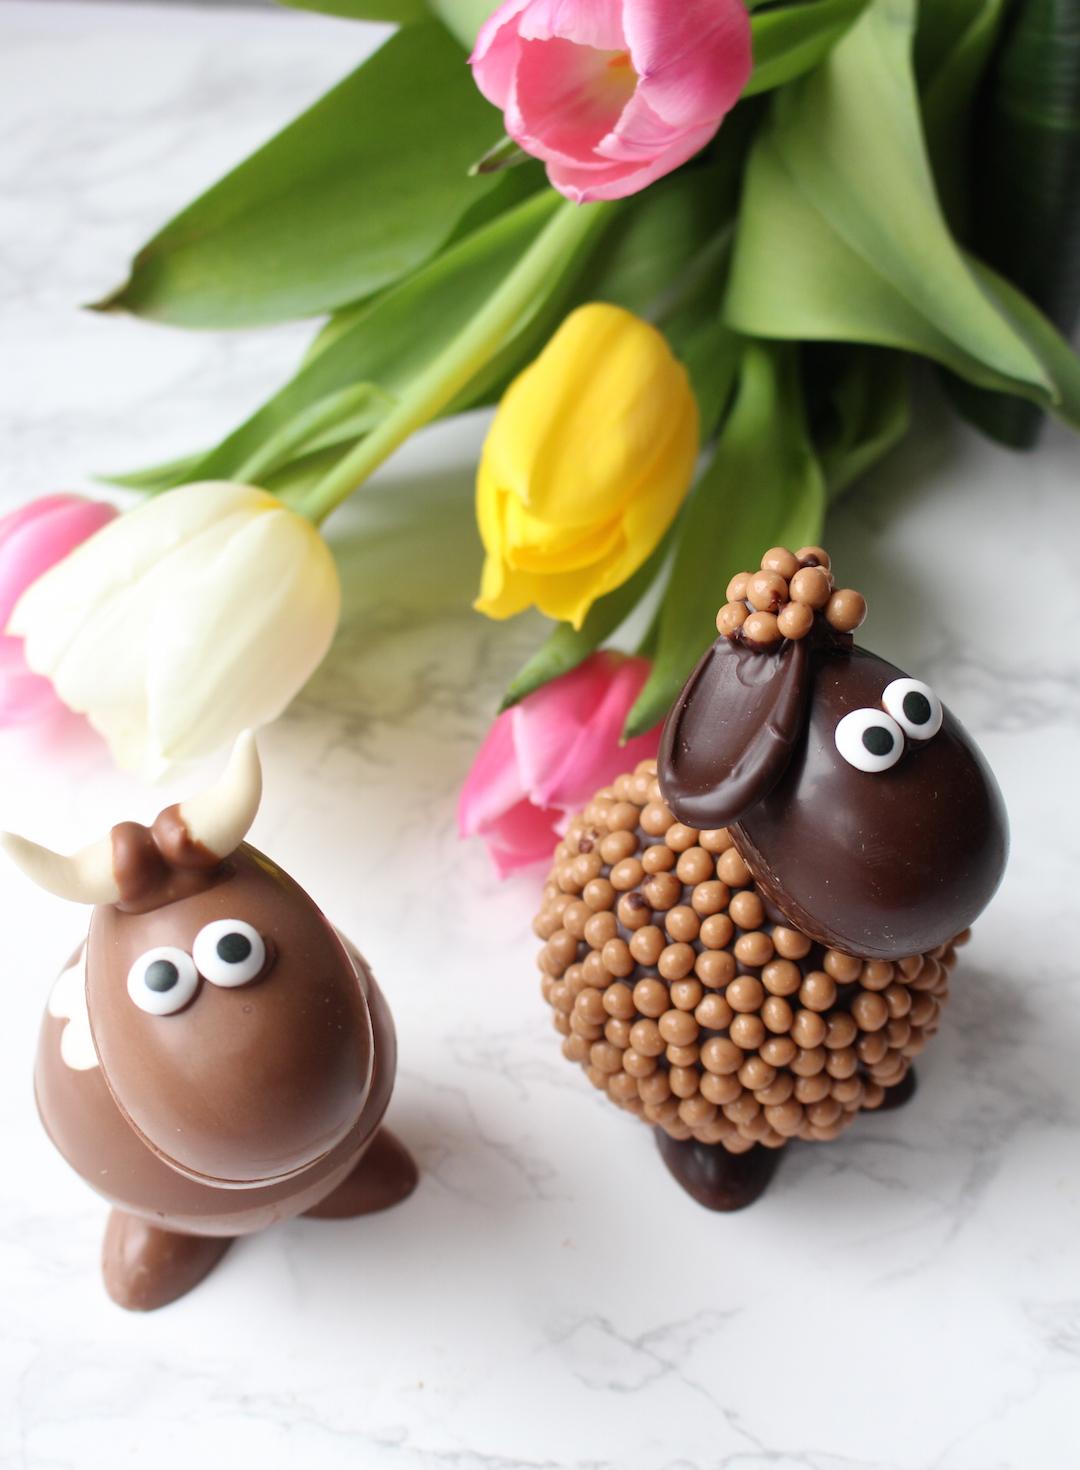 juliette et chocolat_paques_querelles_05